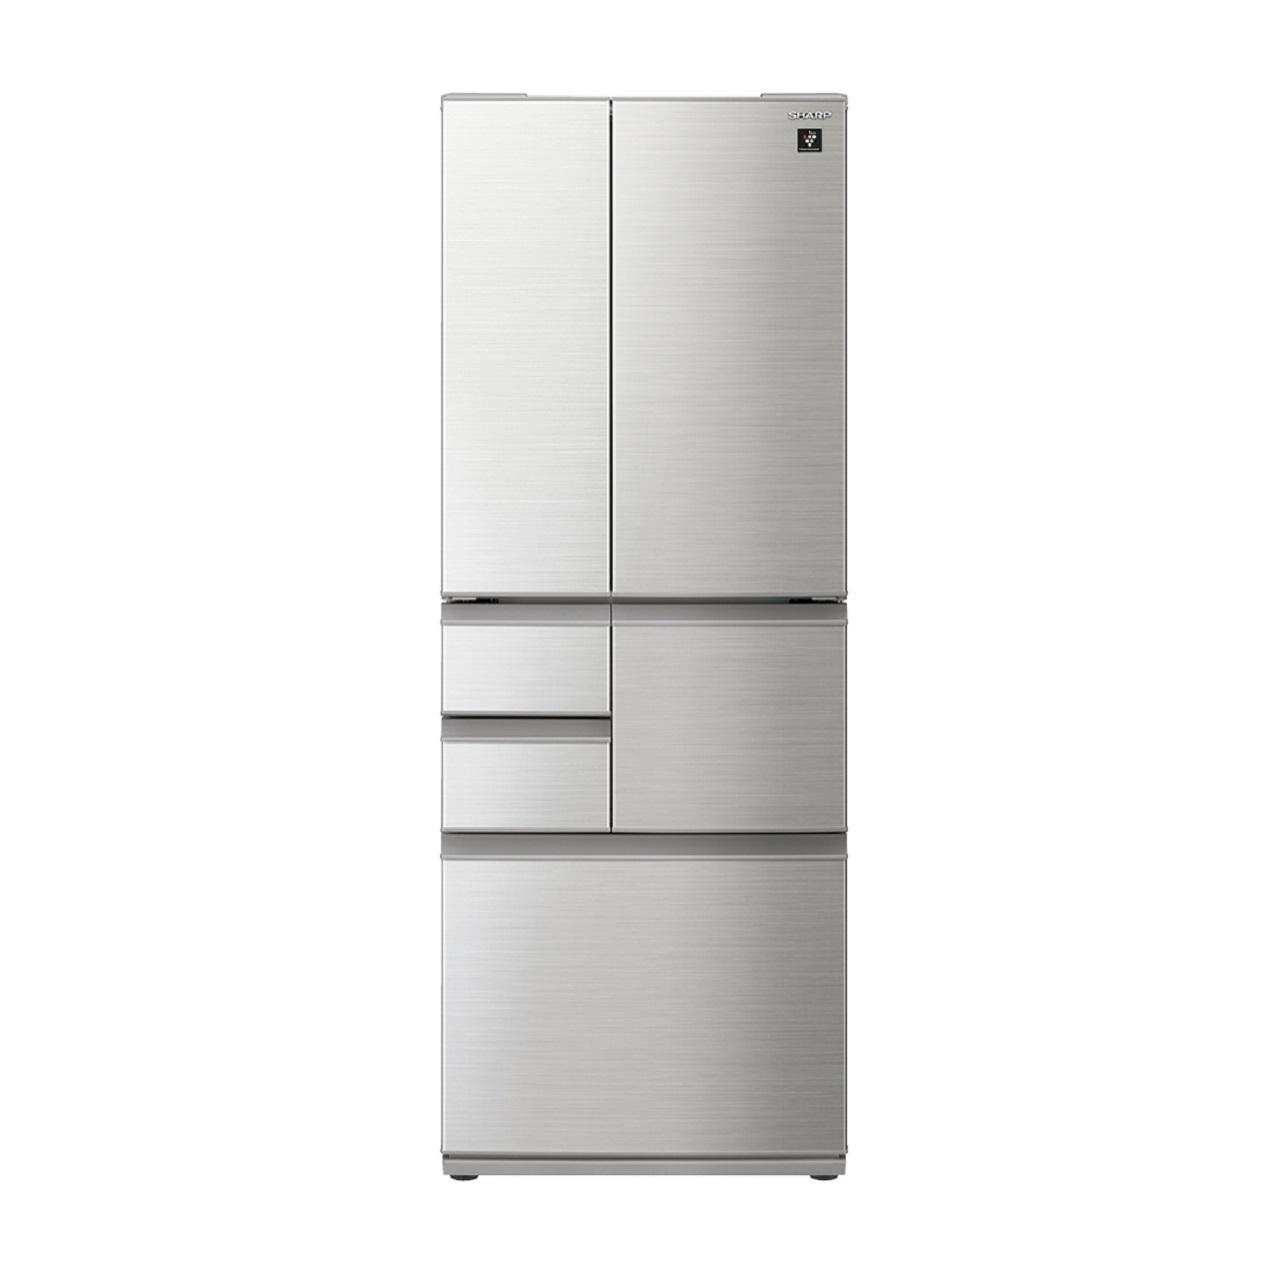 シャープSJ-F502F冷蔵庫